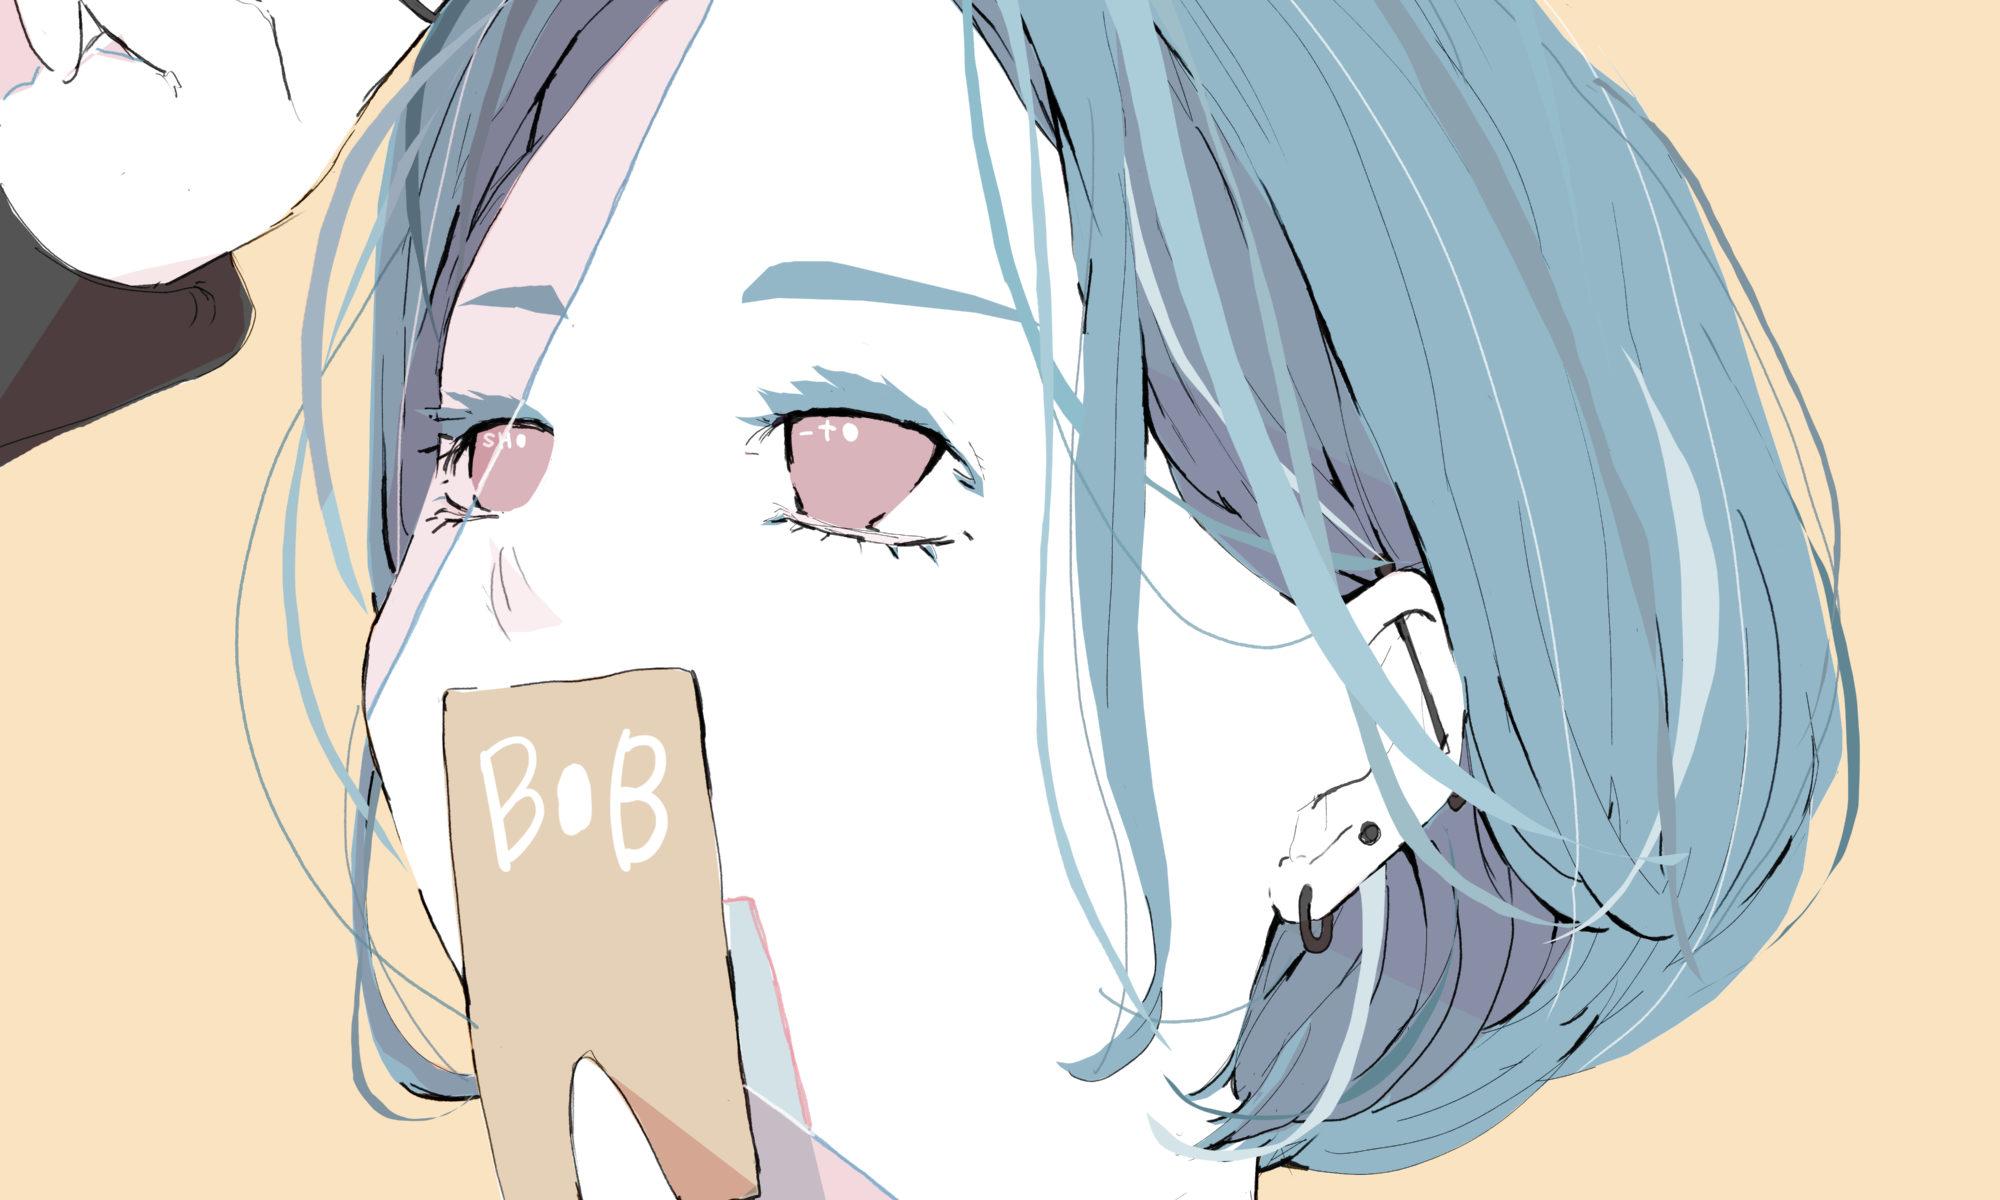 ボブの女の子 イラスト フリーアイコン